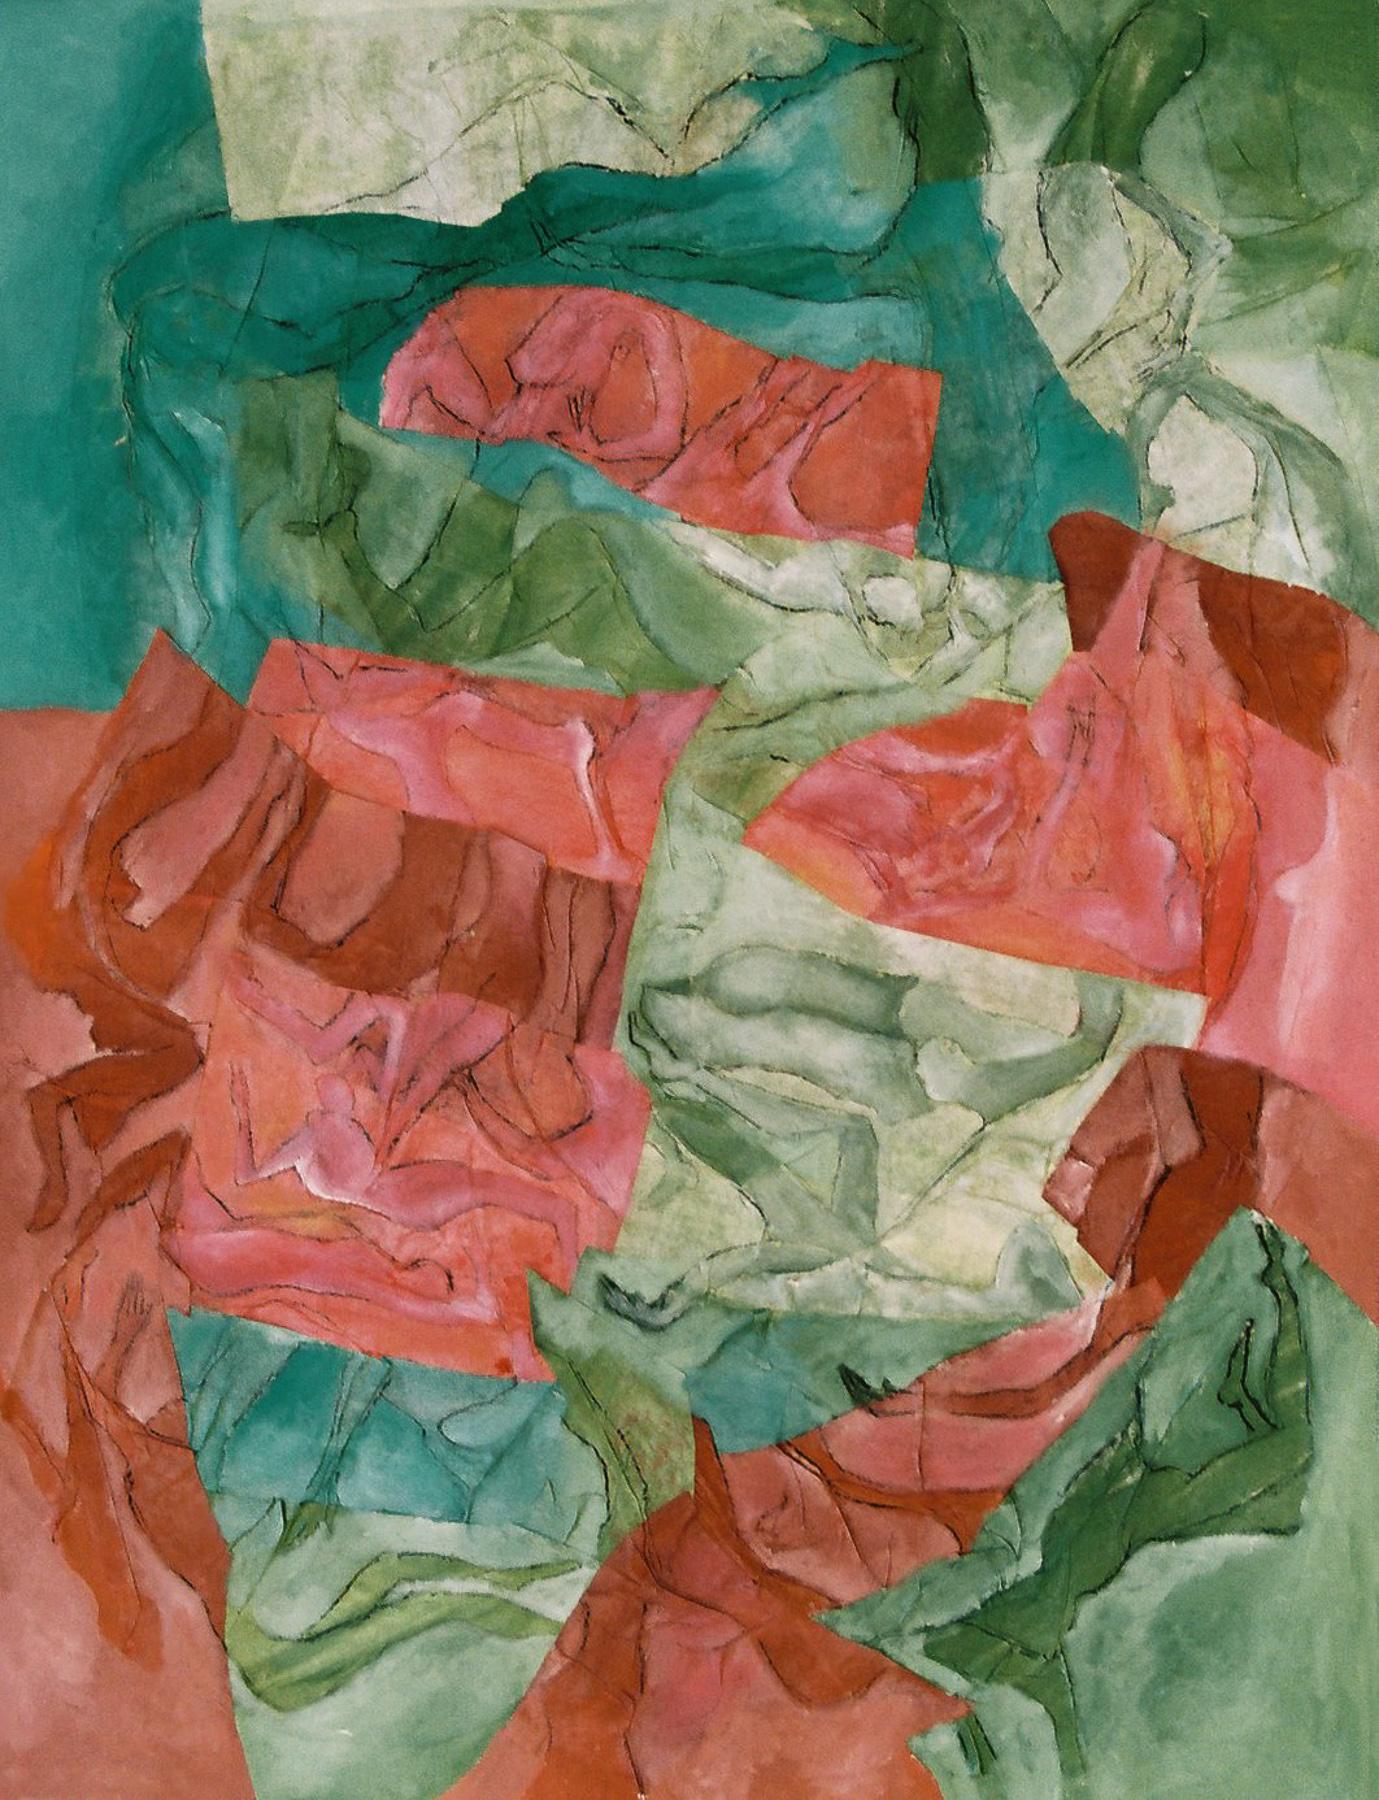 Permanencia y repetición - Óleo sobre papel - 65 x 50 cm